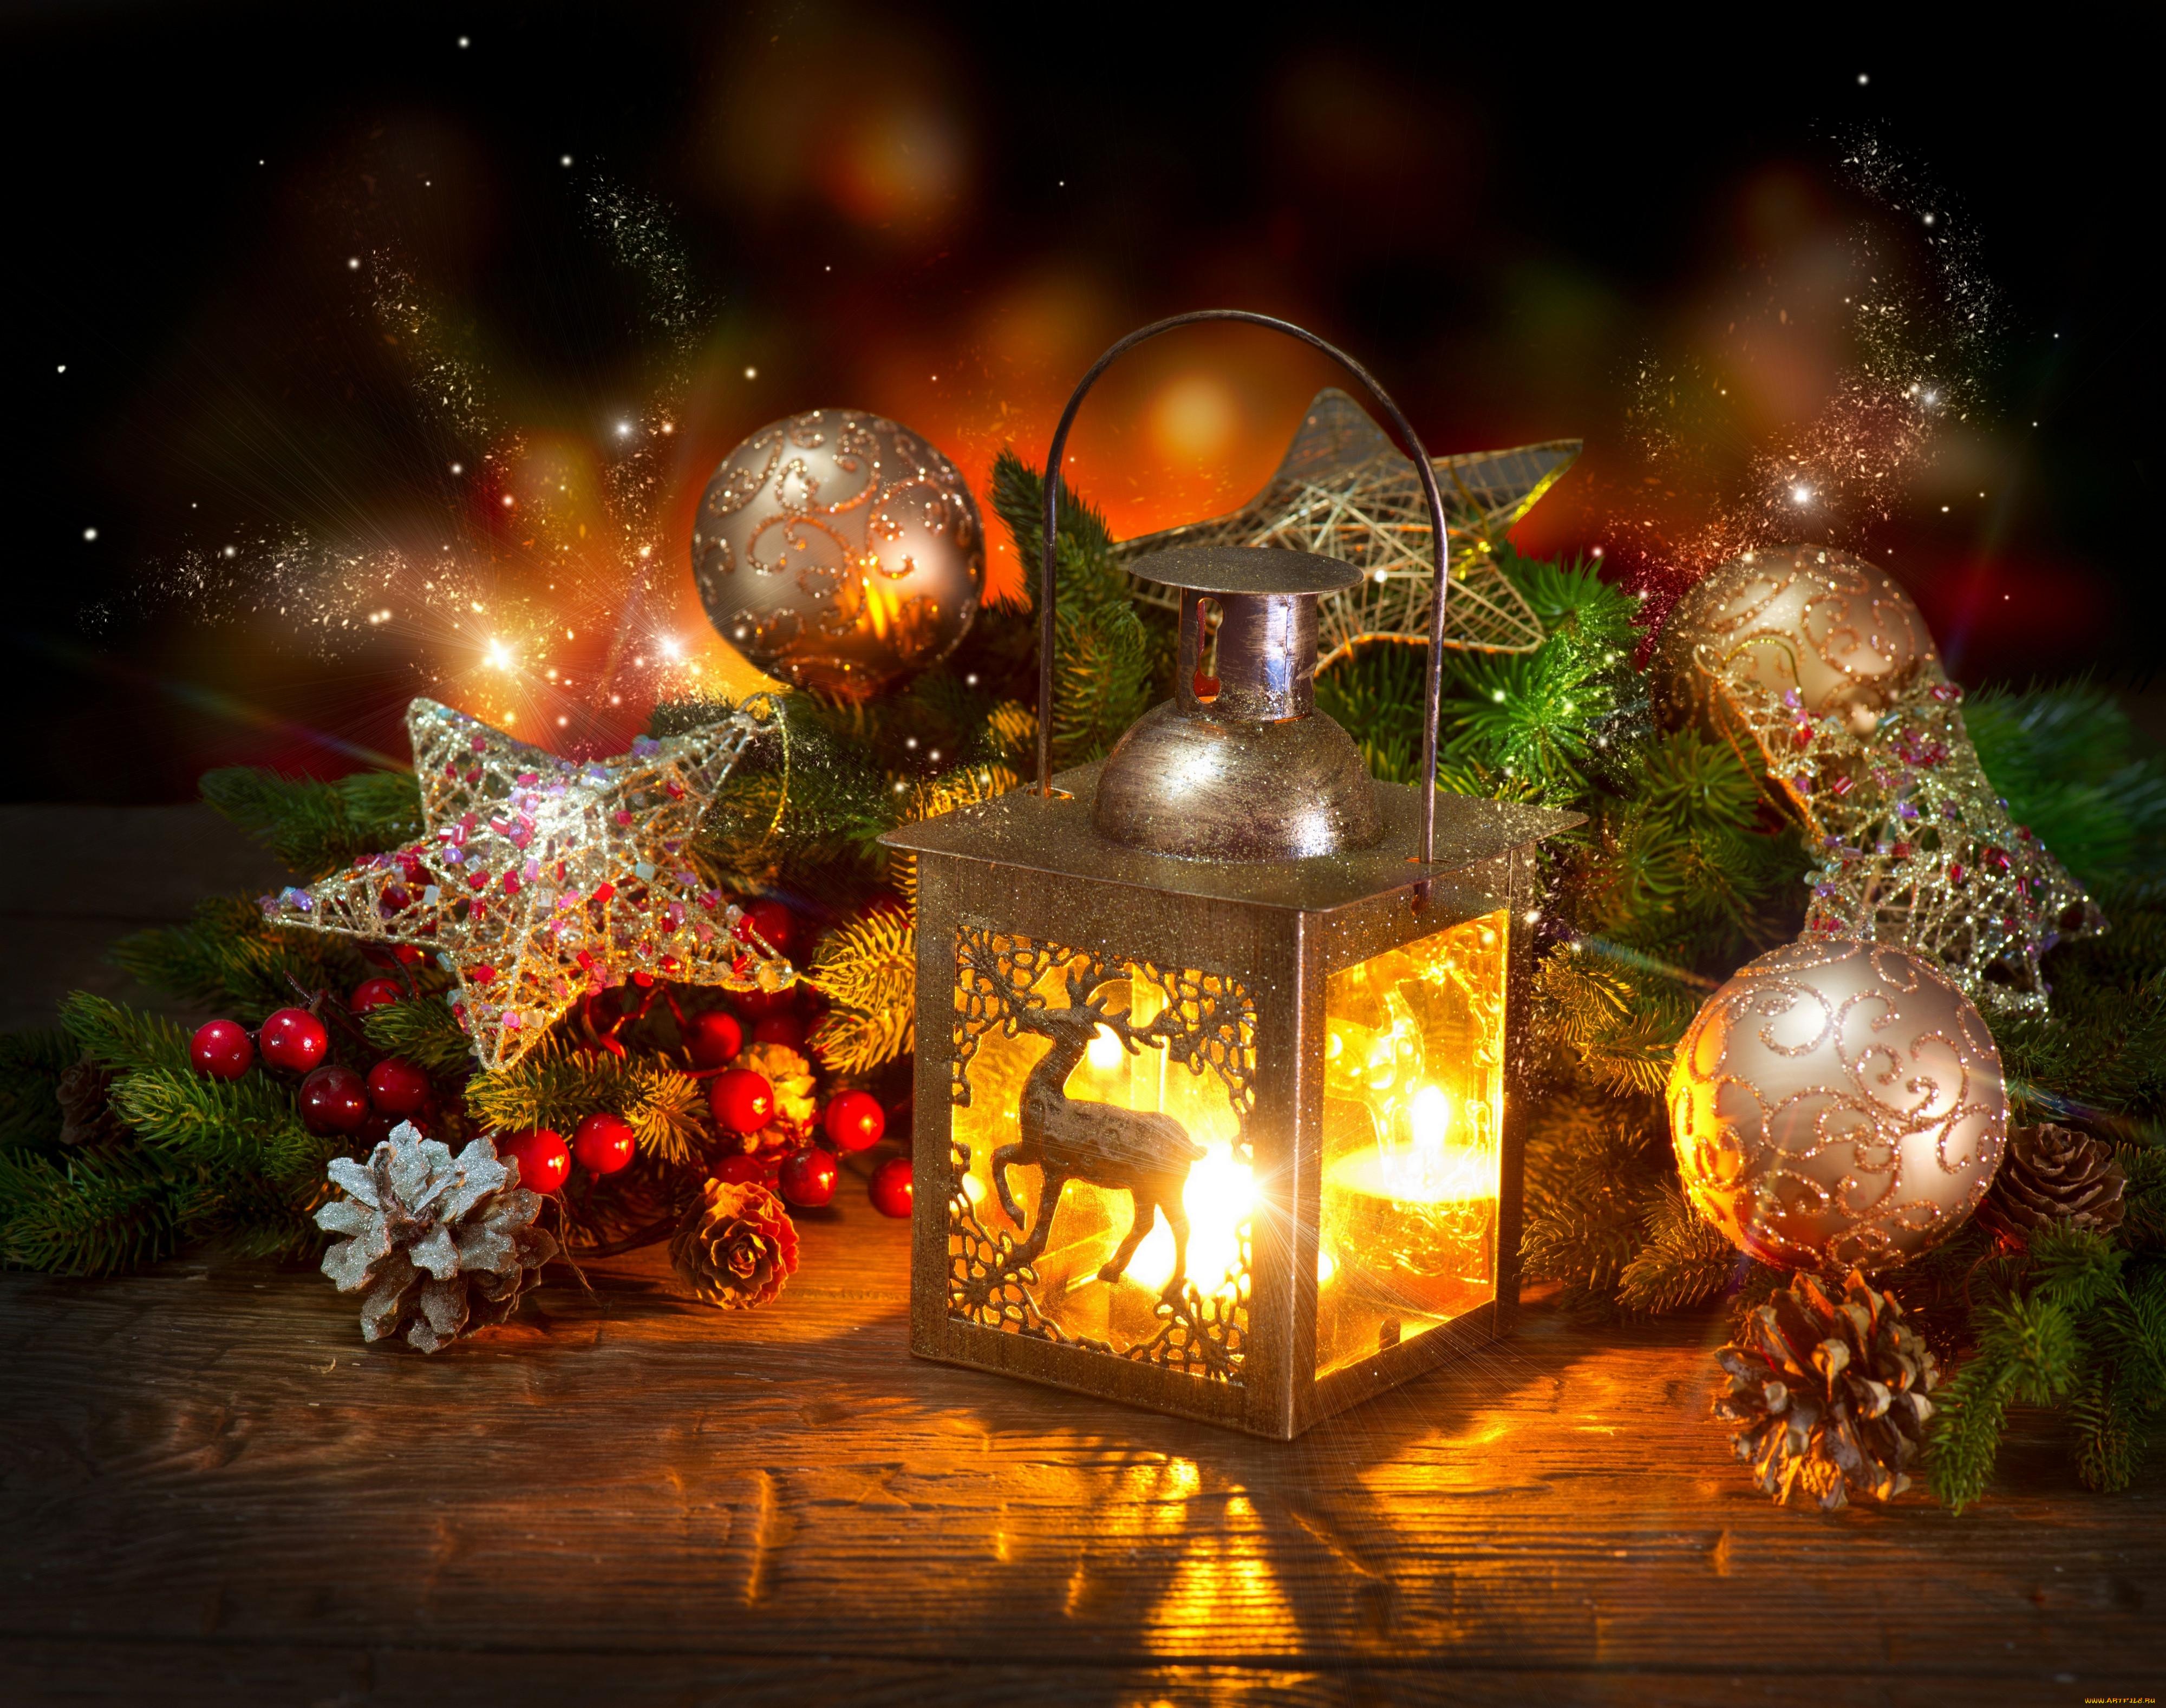 Обои Праздничные - Разное (Новый год), обои для рабочего стола ...